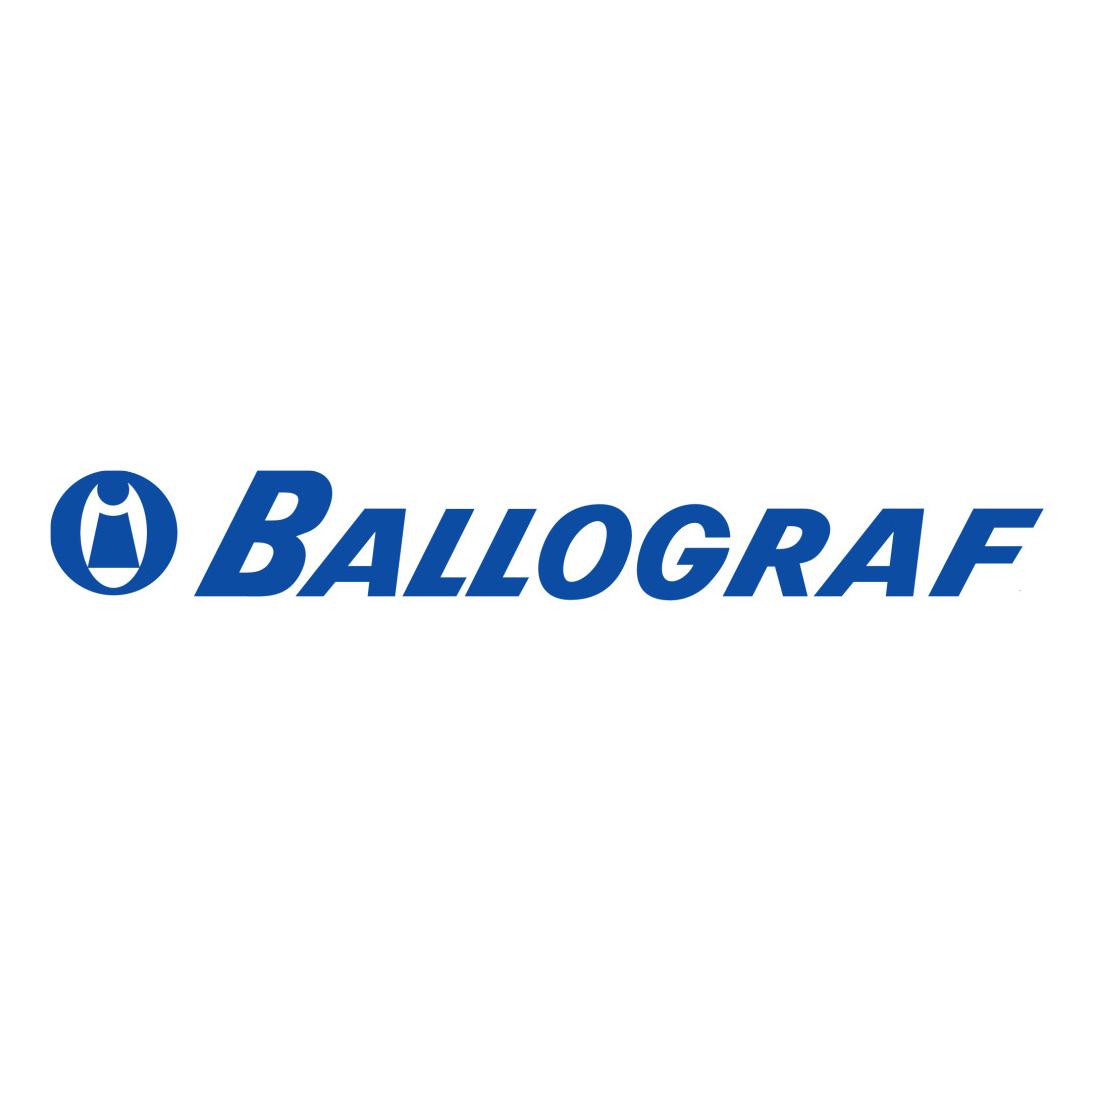 Ballograf